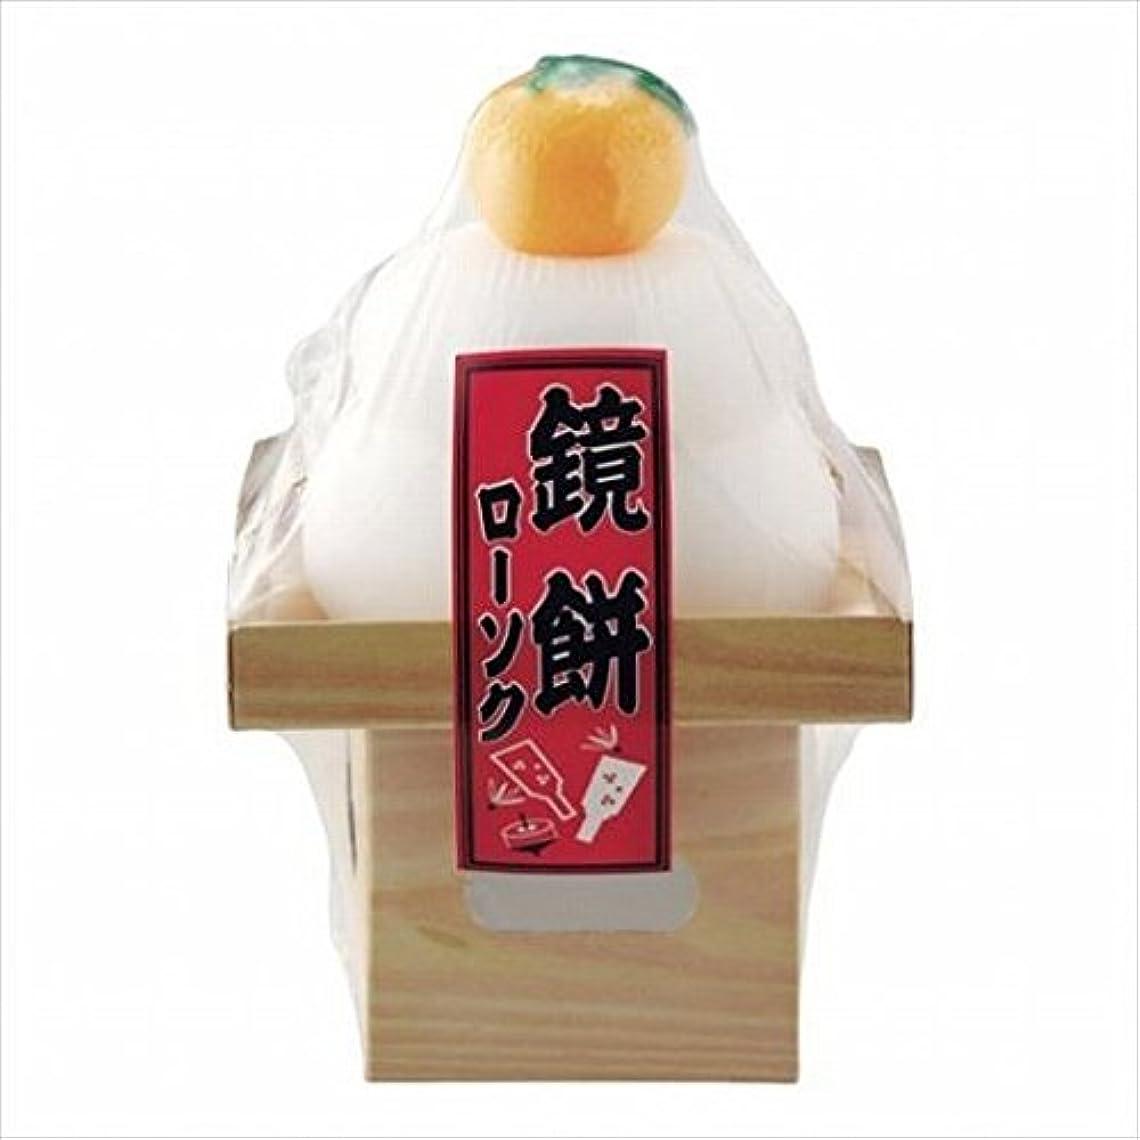 市民権多分どこkameyama candle(カメヤマキャンドル) 鏡餅ローソク キャンドル(21500000)